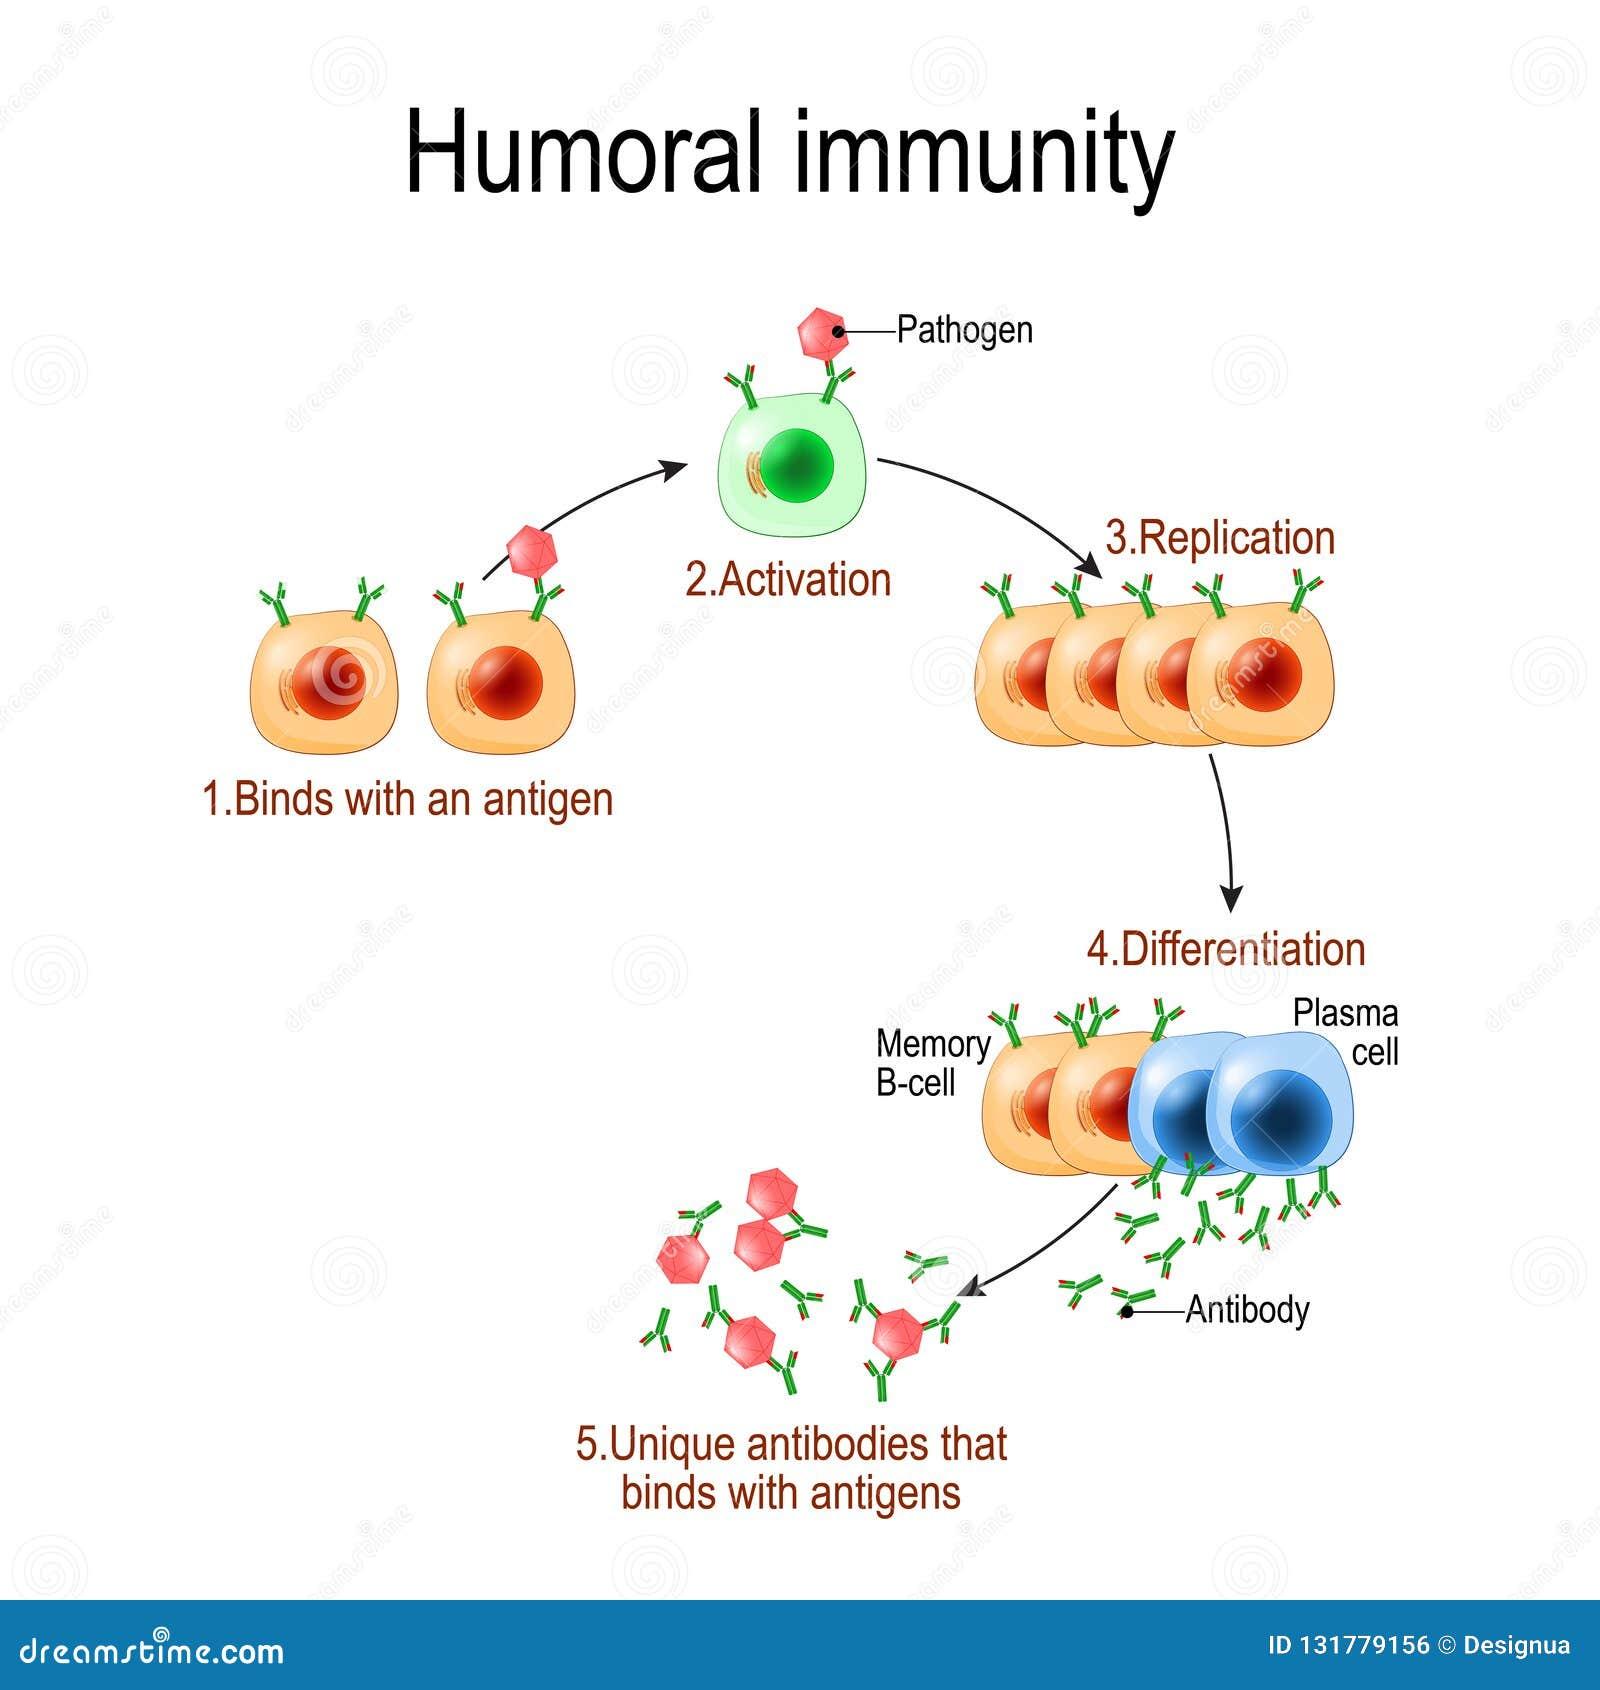 Χυμώδης ασυλία αντίσωμα-μεσολαβημένη ασυλία Viruse, λεμφοκύτταρο, αντίσωμα και αντιγόνο Διανυσματικό διάγραμμα για εκπαιδευτικό,